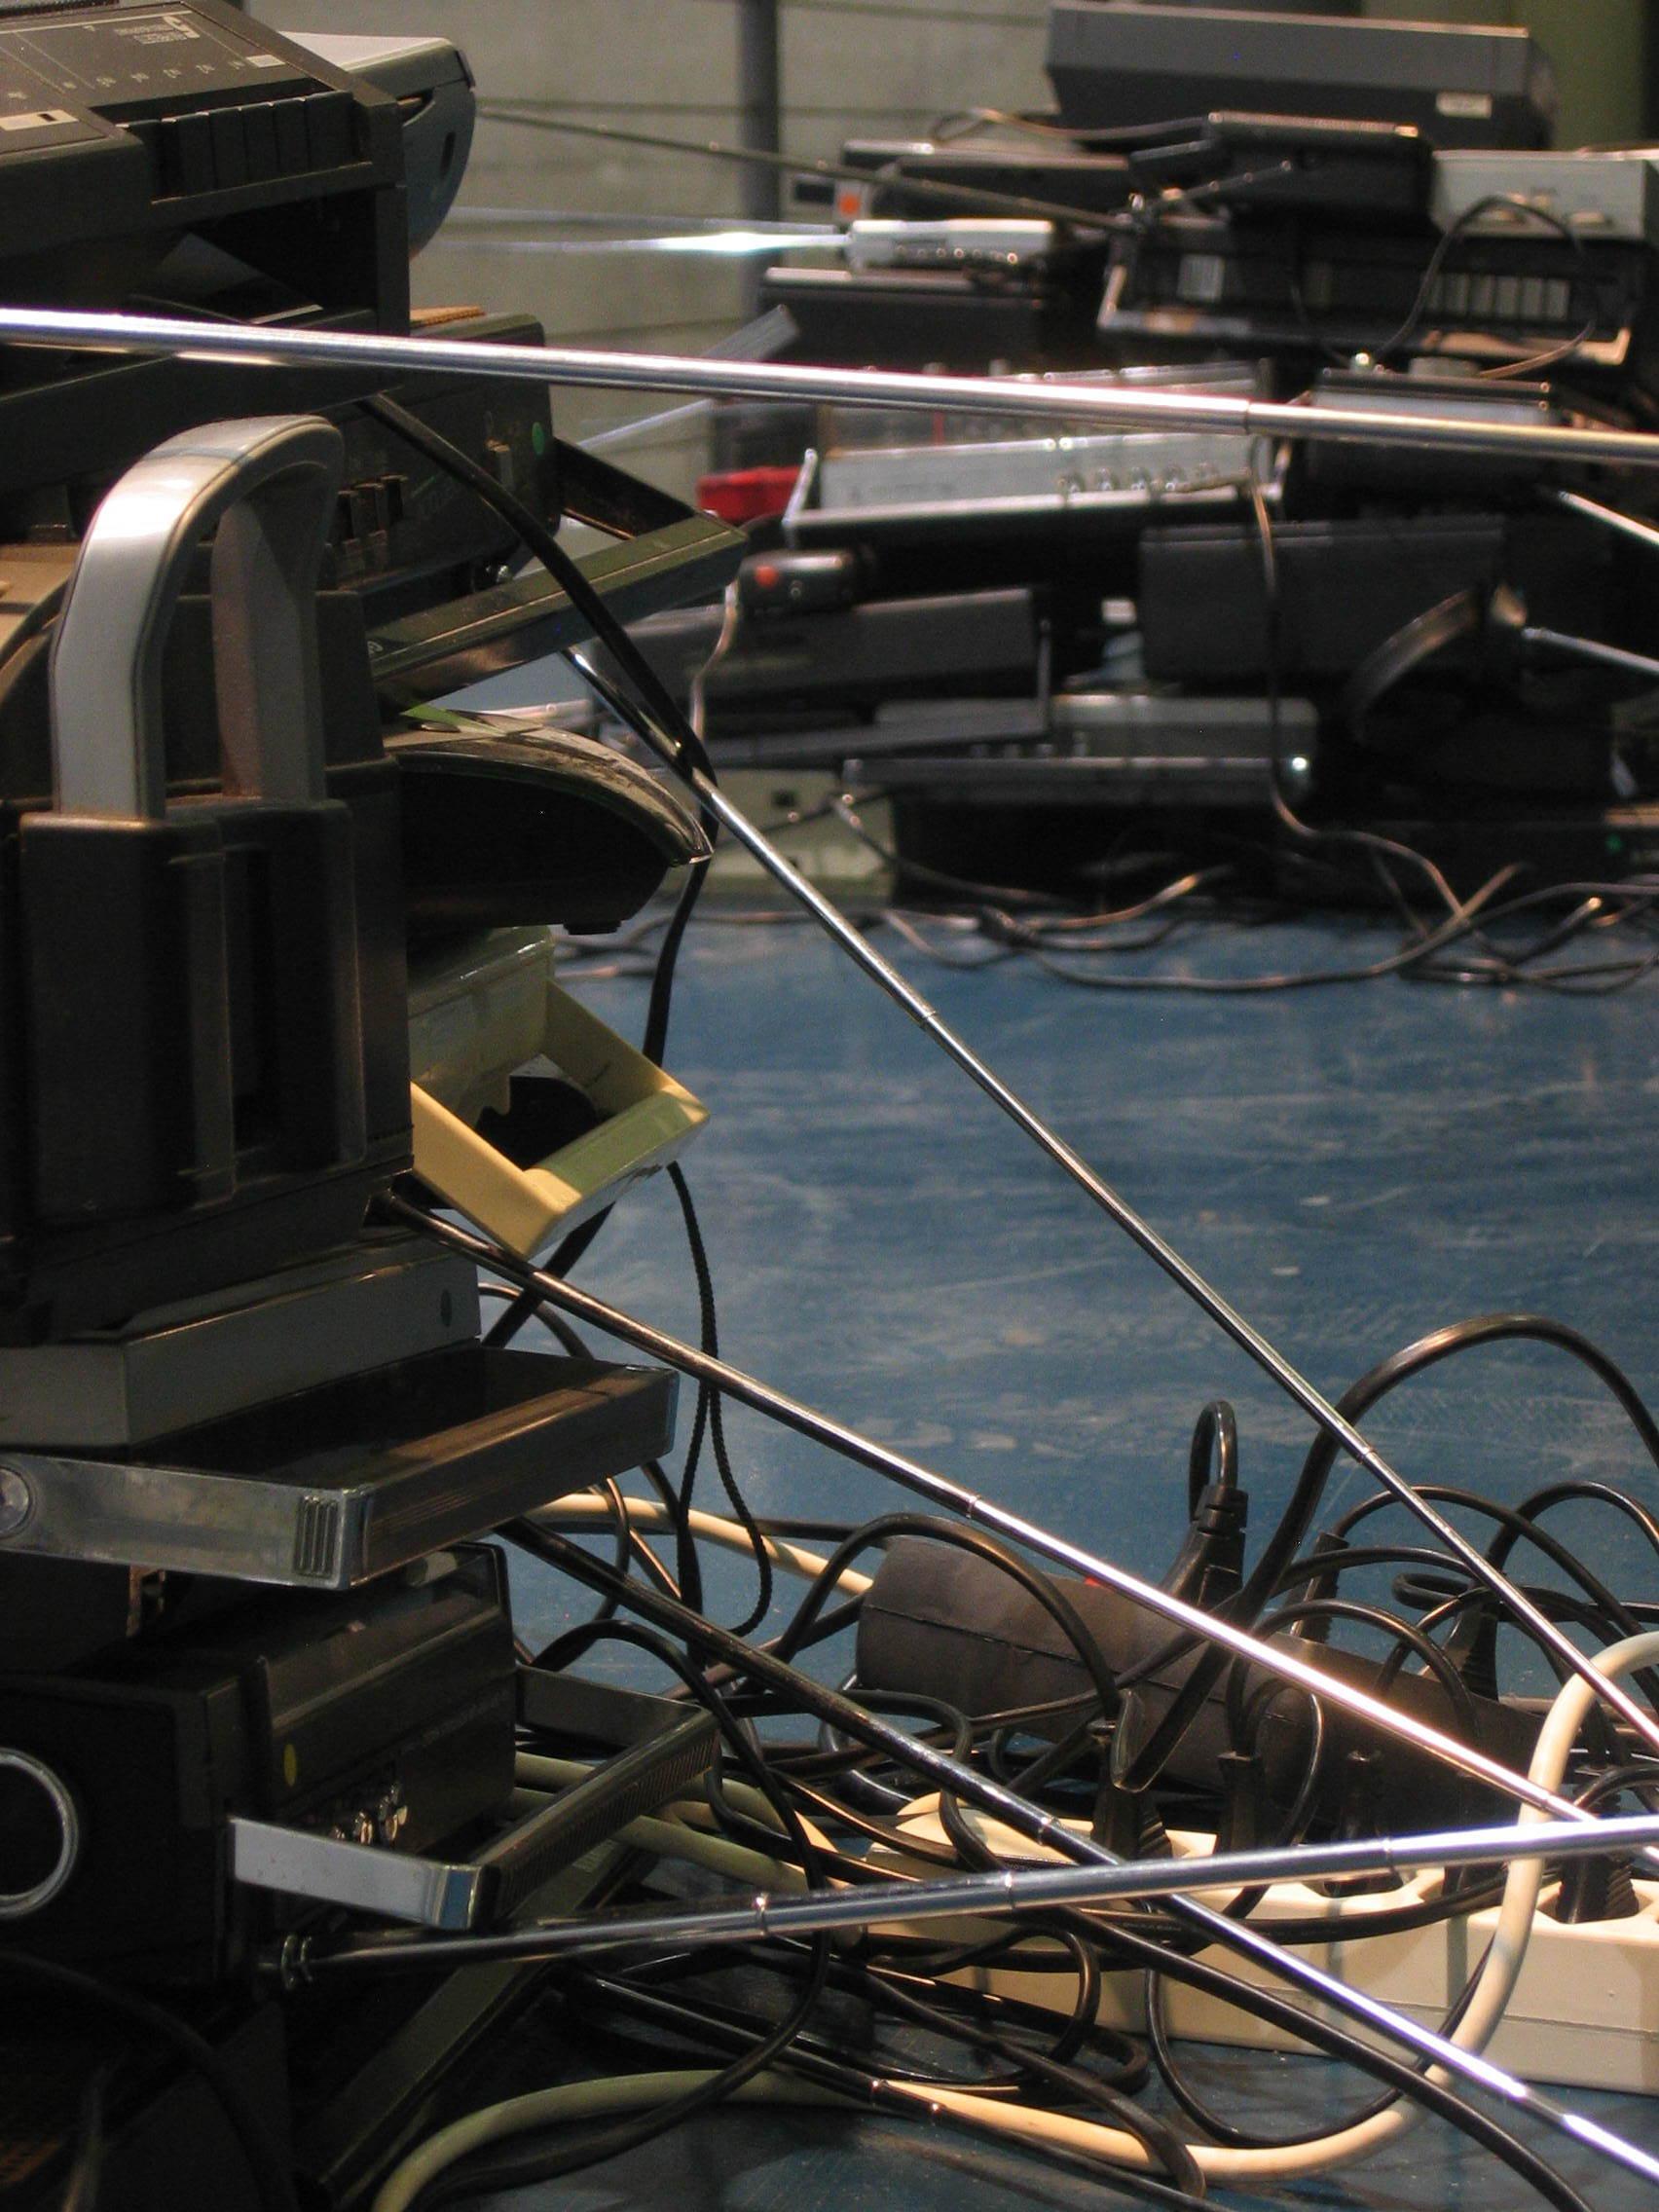 im laufe der ausstellungsdauer manifestiert sich zudem –ähnlich wie beim verbrennen des abfalls – ein prozess der vergänglichkeit. die radios weichen immer mehr von den zu beginn justierten rrequenzen ab und bringen sich durch fetzen benachbarter radiofrequenzen als eigenwilliges medium in die präzise komponierte installation ein.